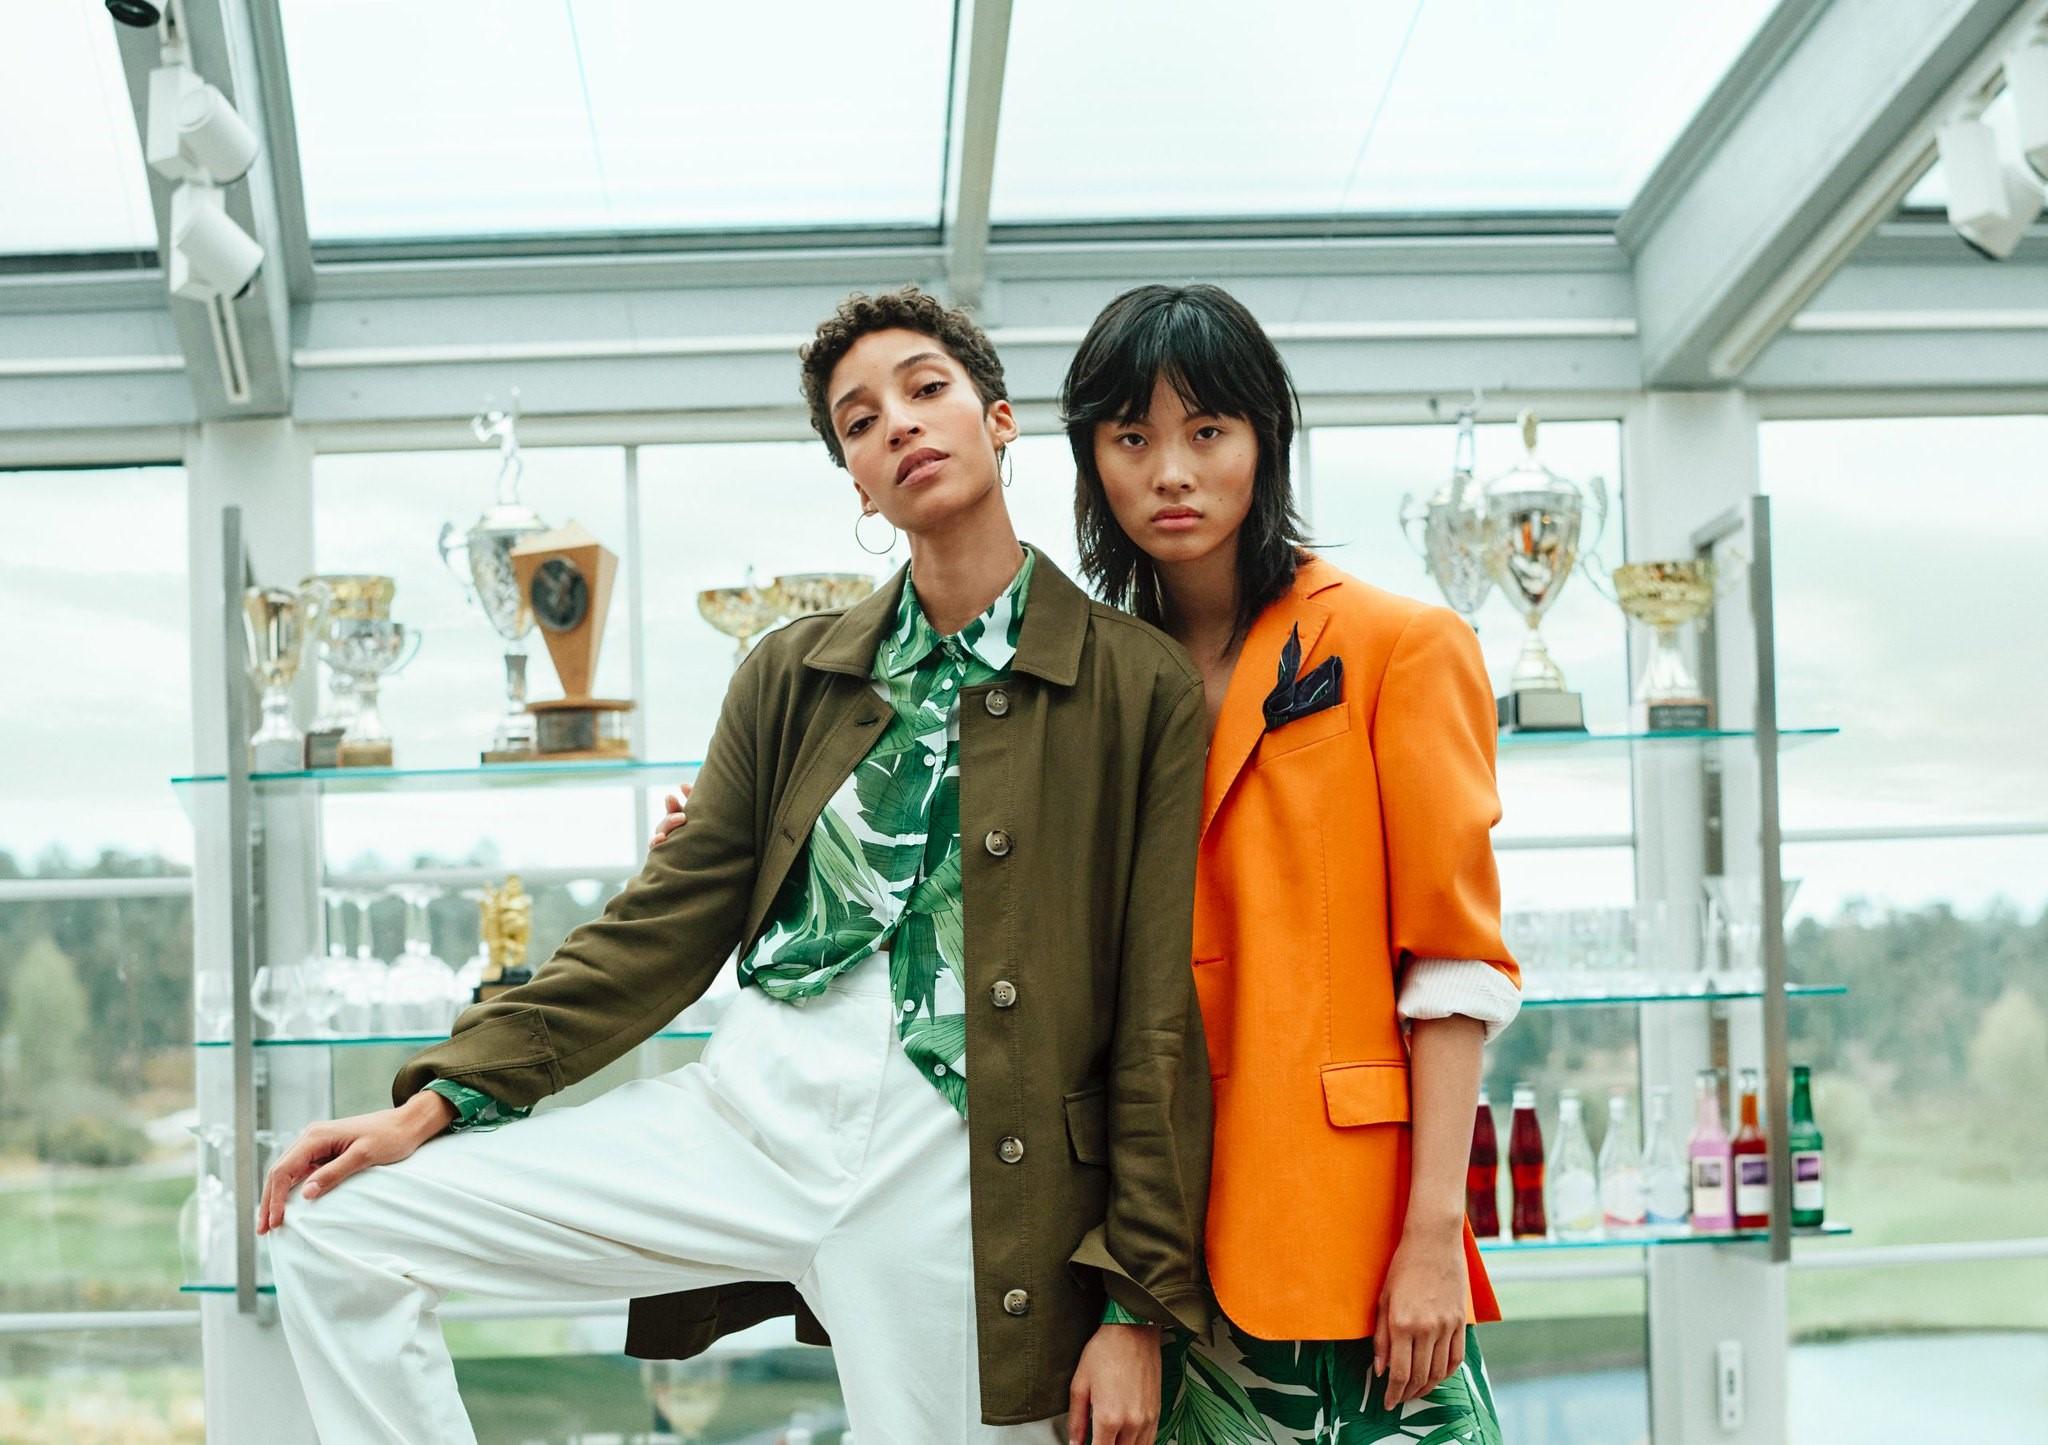 fashion retails